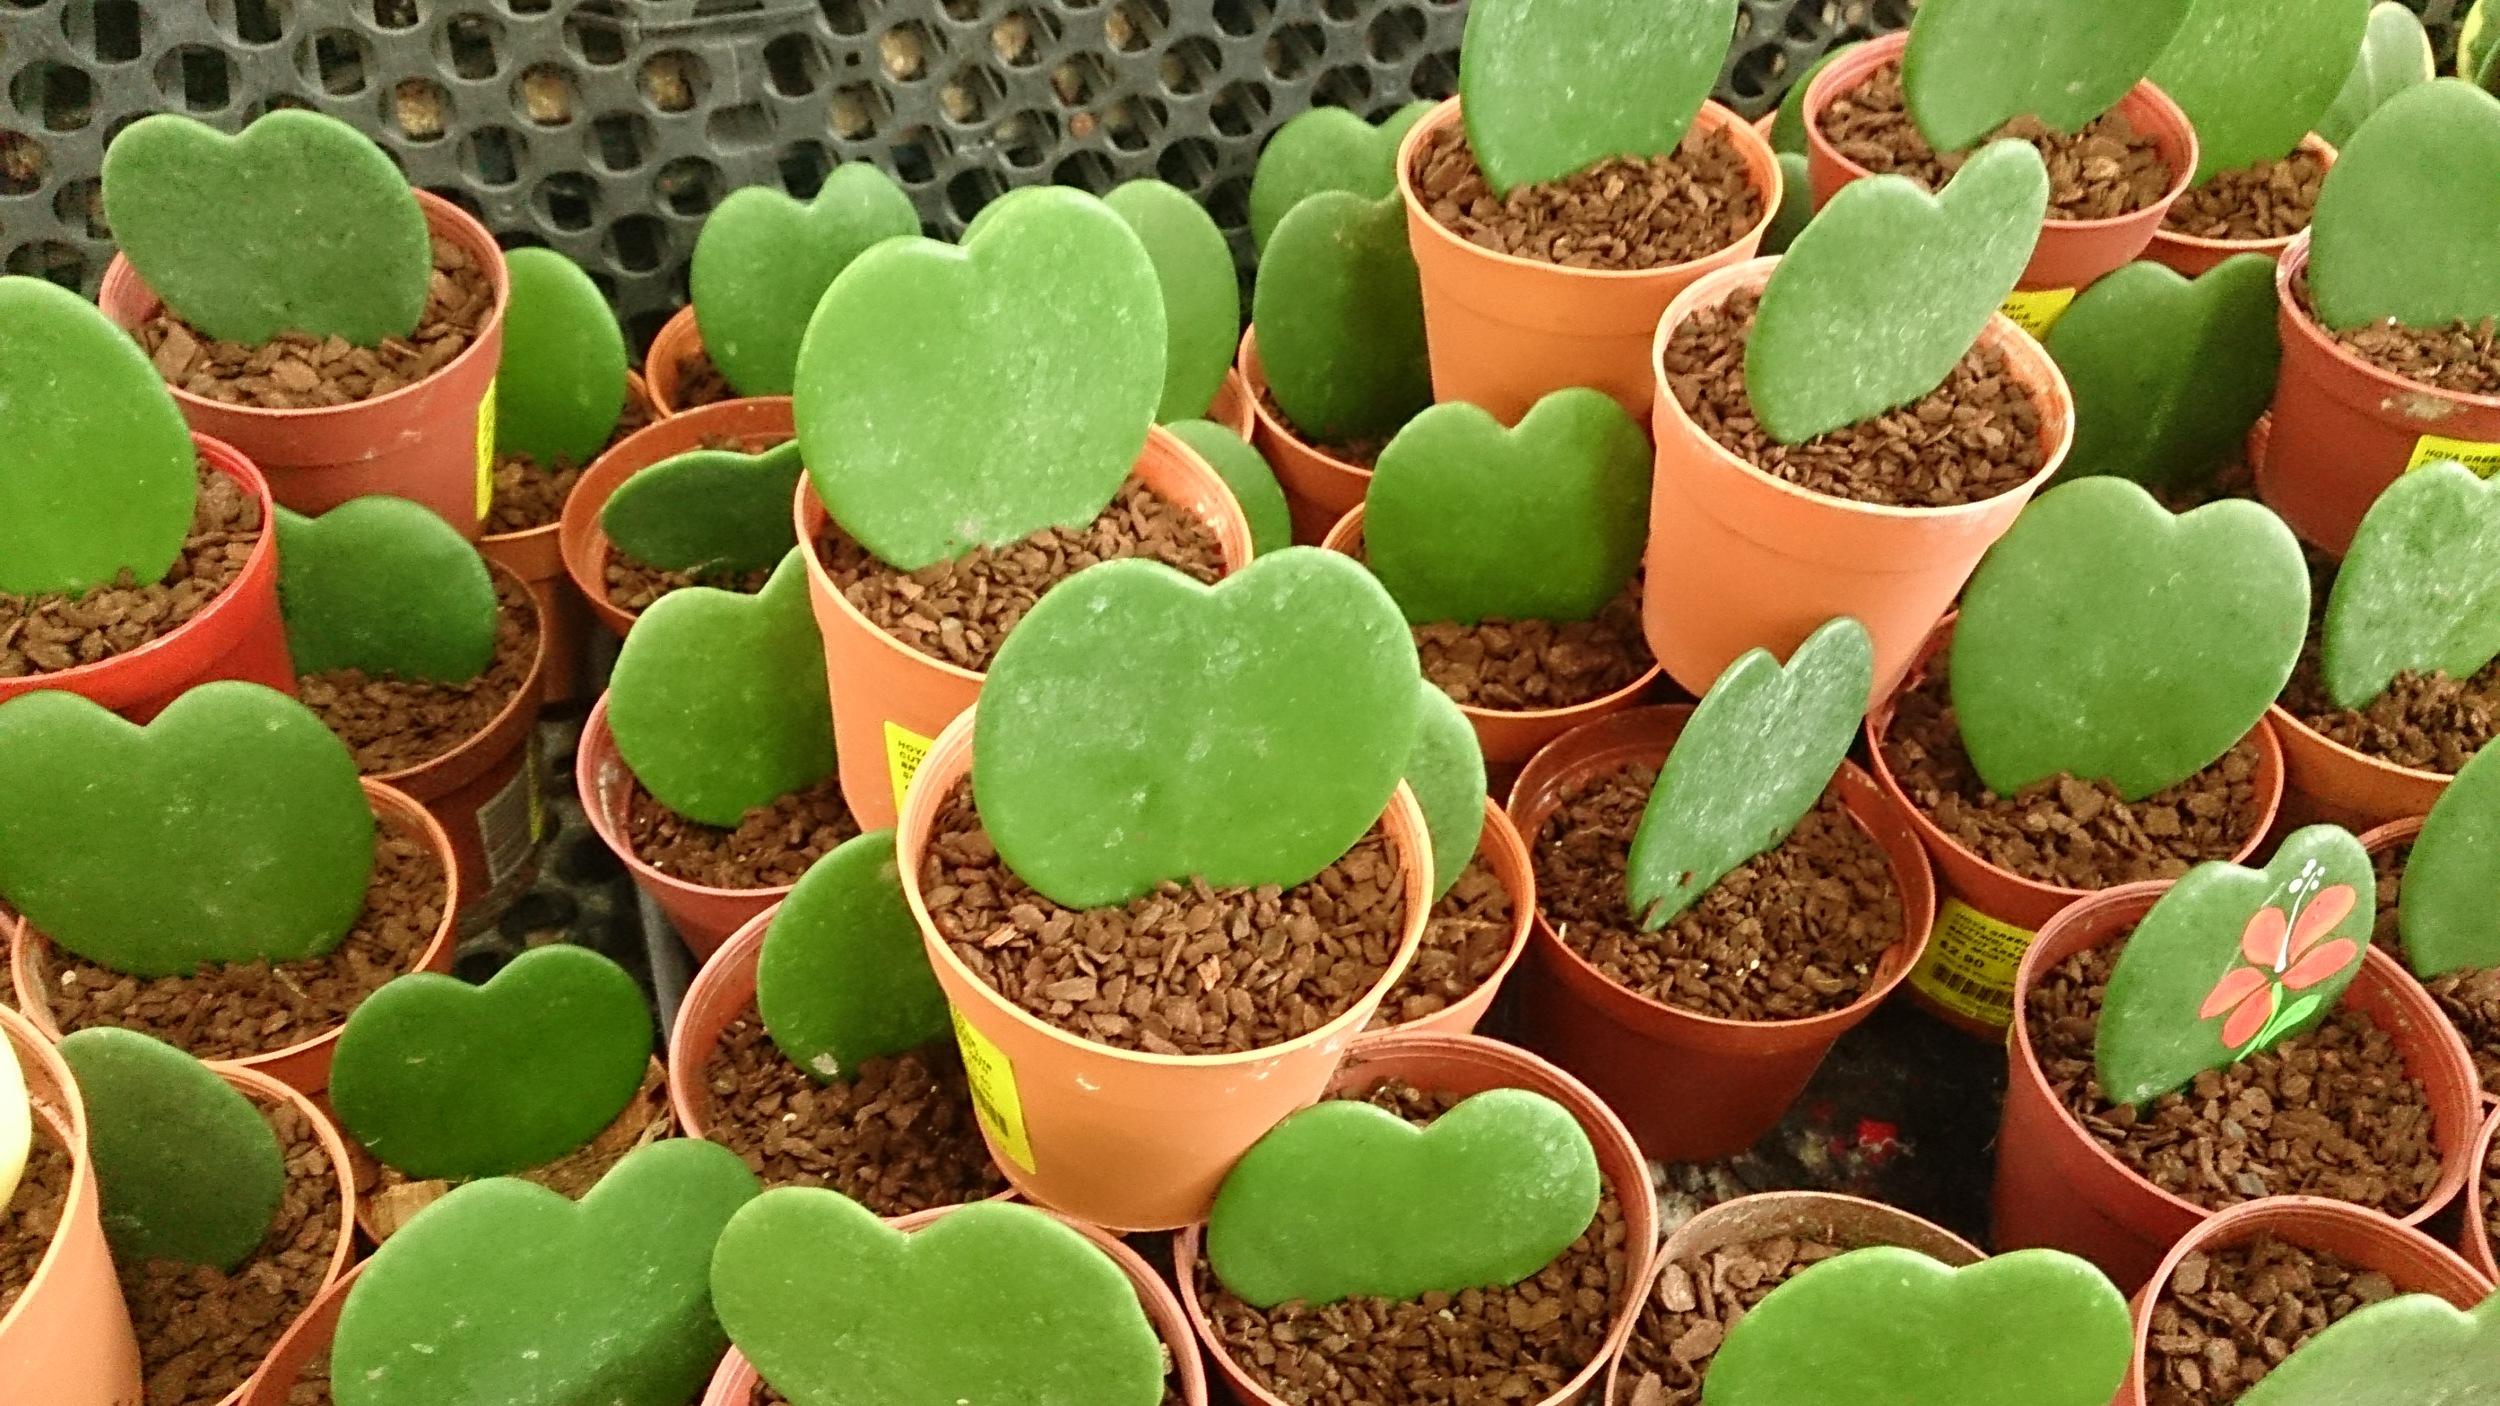 """"""" Valentine Hoya (Hoya kerrii) """" BY Mokkie IS LICENSED UNDER  CC BY-SA 3.0 ."""